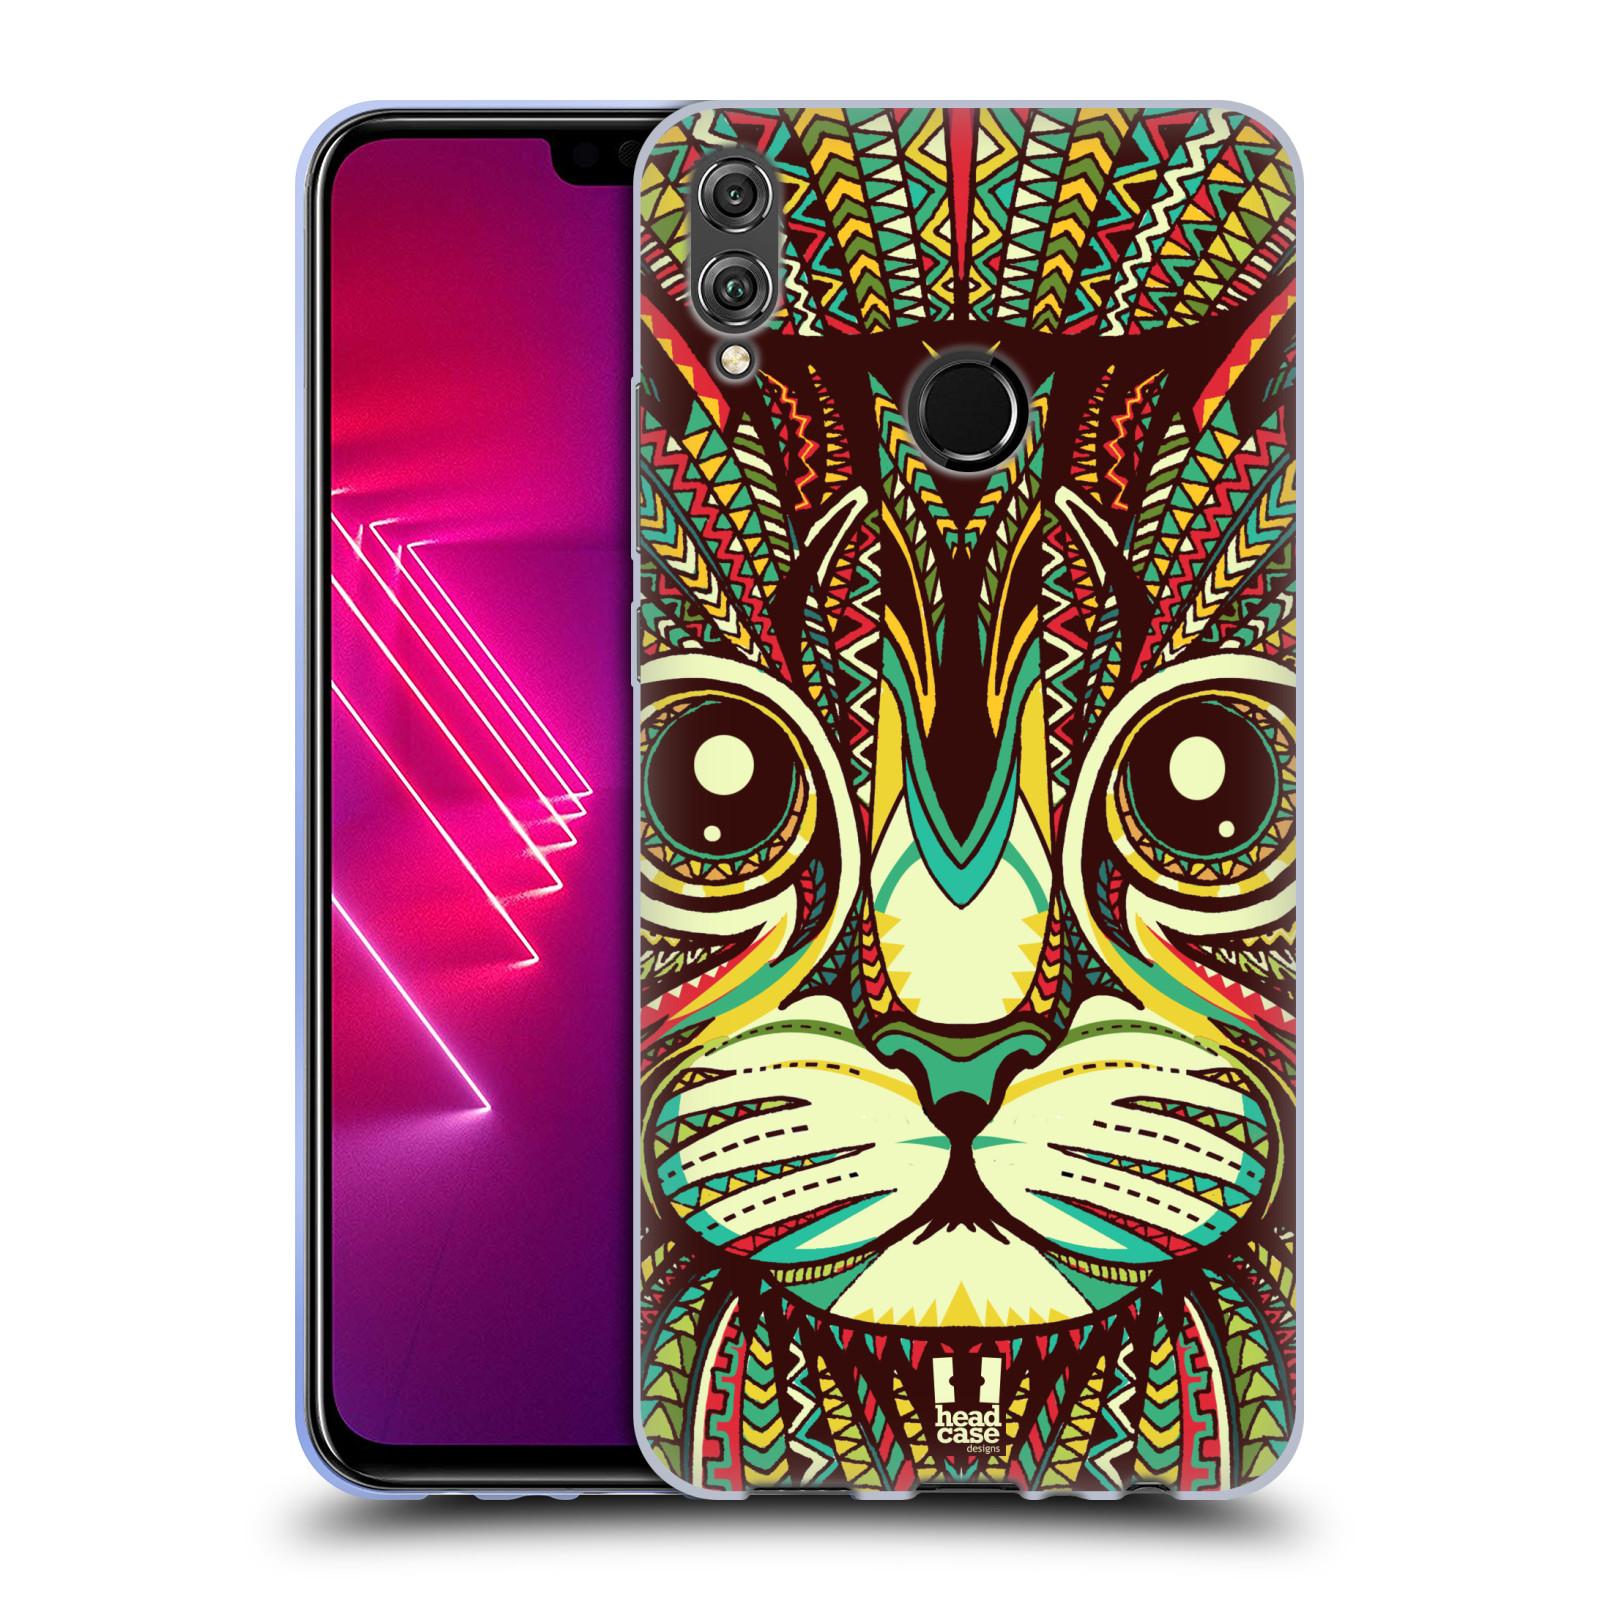 Silikonové pouzdro na mobil Honor View 10 Lite - Head Case - AZTEC KOČKA